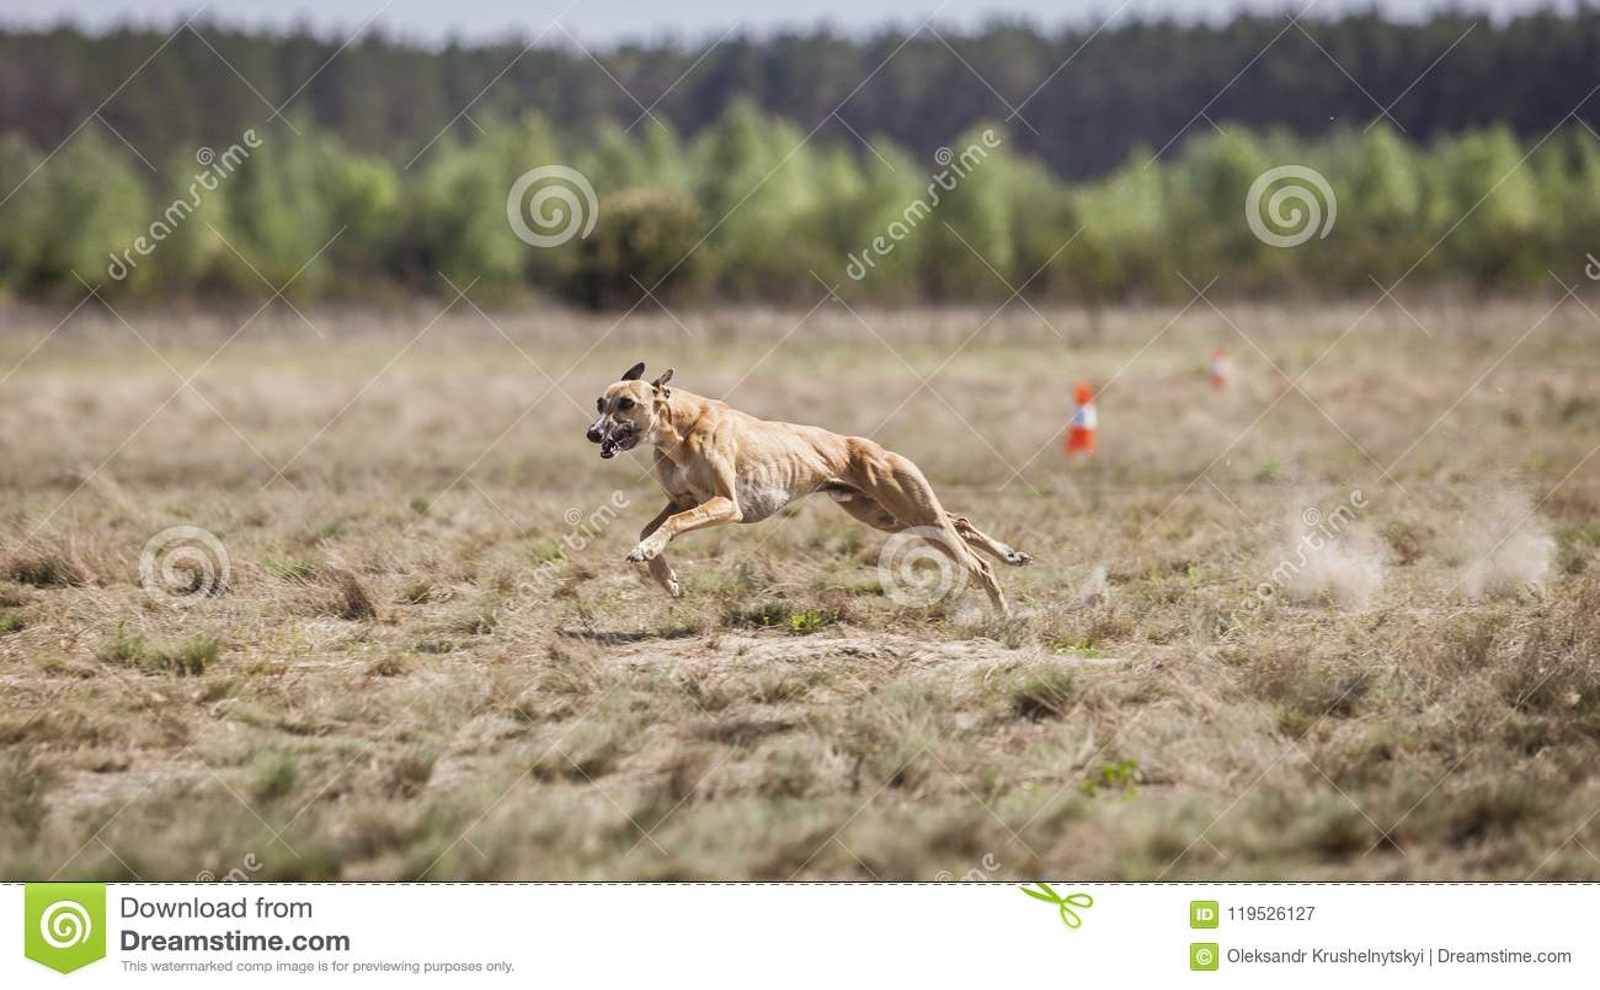 Jaga utbildning Whippethundspring på fältet